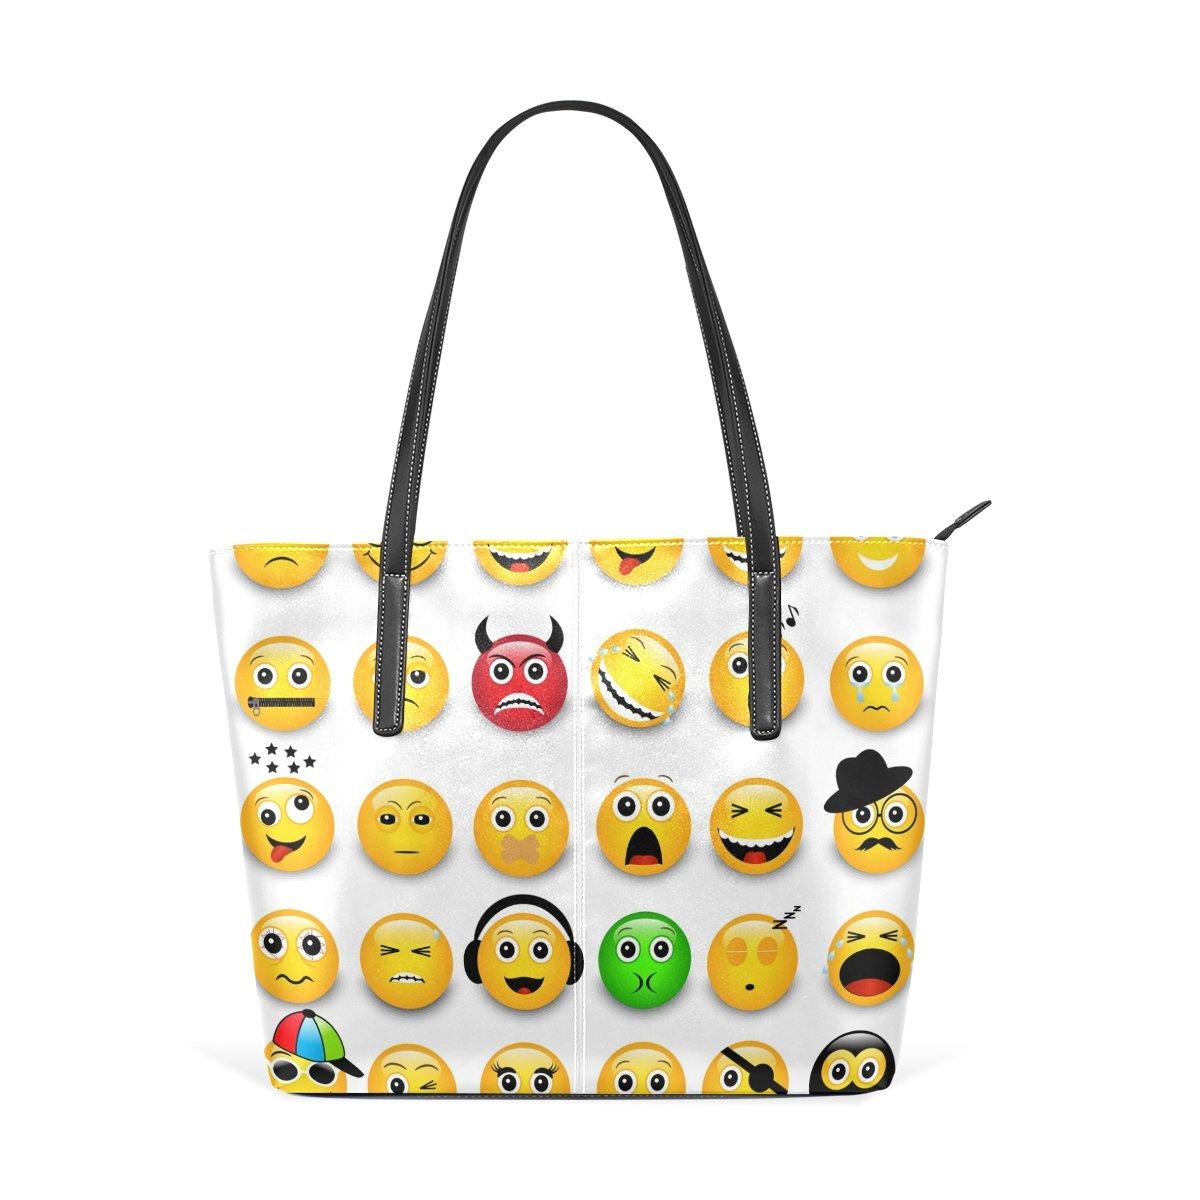 COOSUN Amarillo Emoticonos Emojis PU de Cuero Bolso Monedero ...